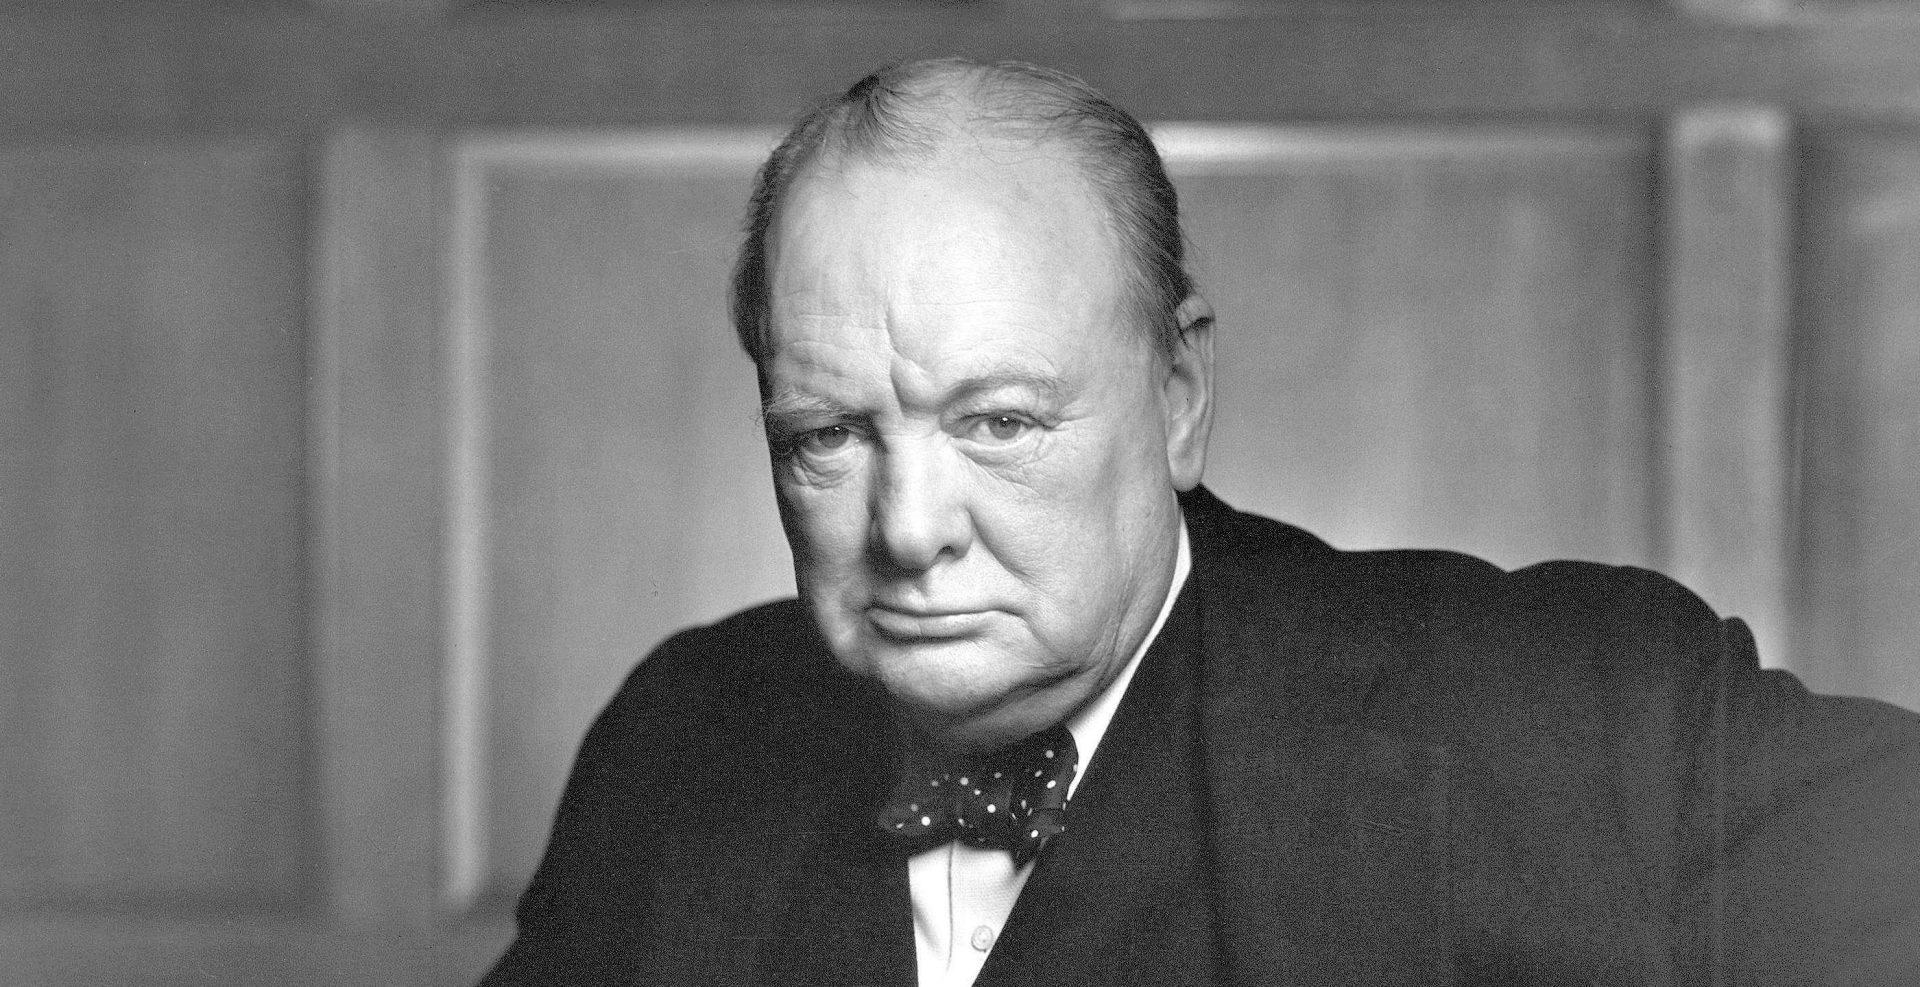 Poza lui Winston Churchill dispăruse de pe Google. Misterul a fost însă rezolvat